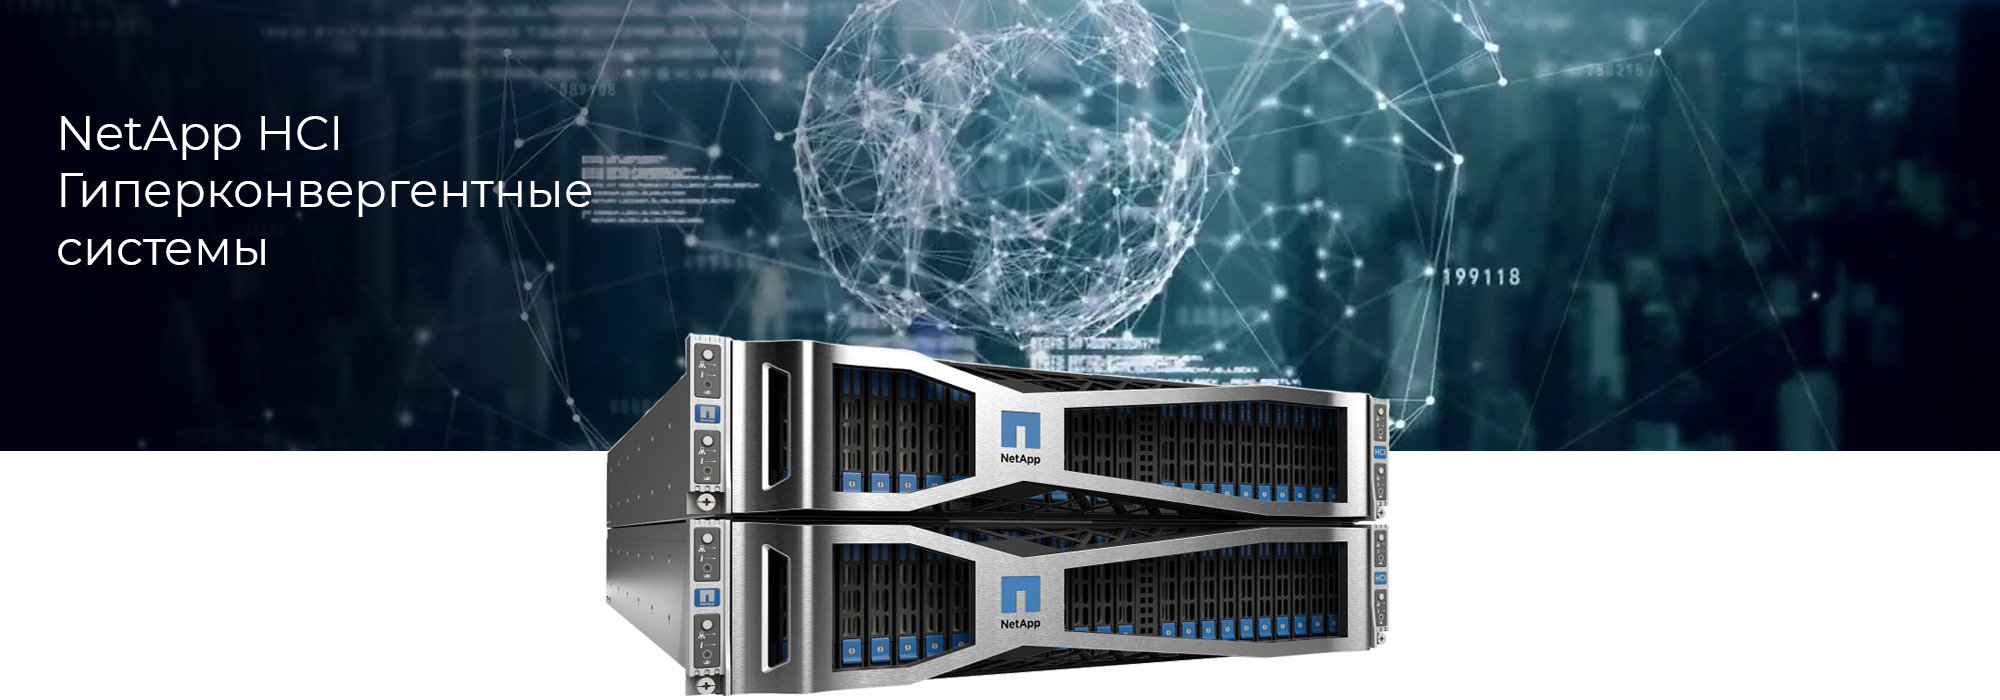 NetApp-HCI-гиперконвергентные-системы